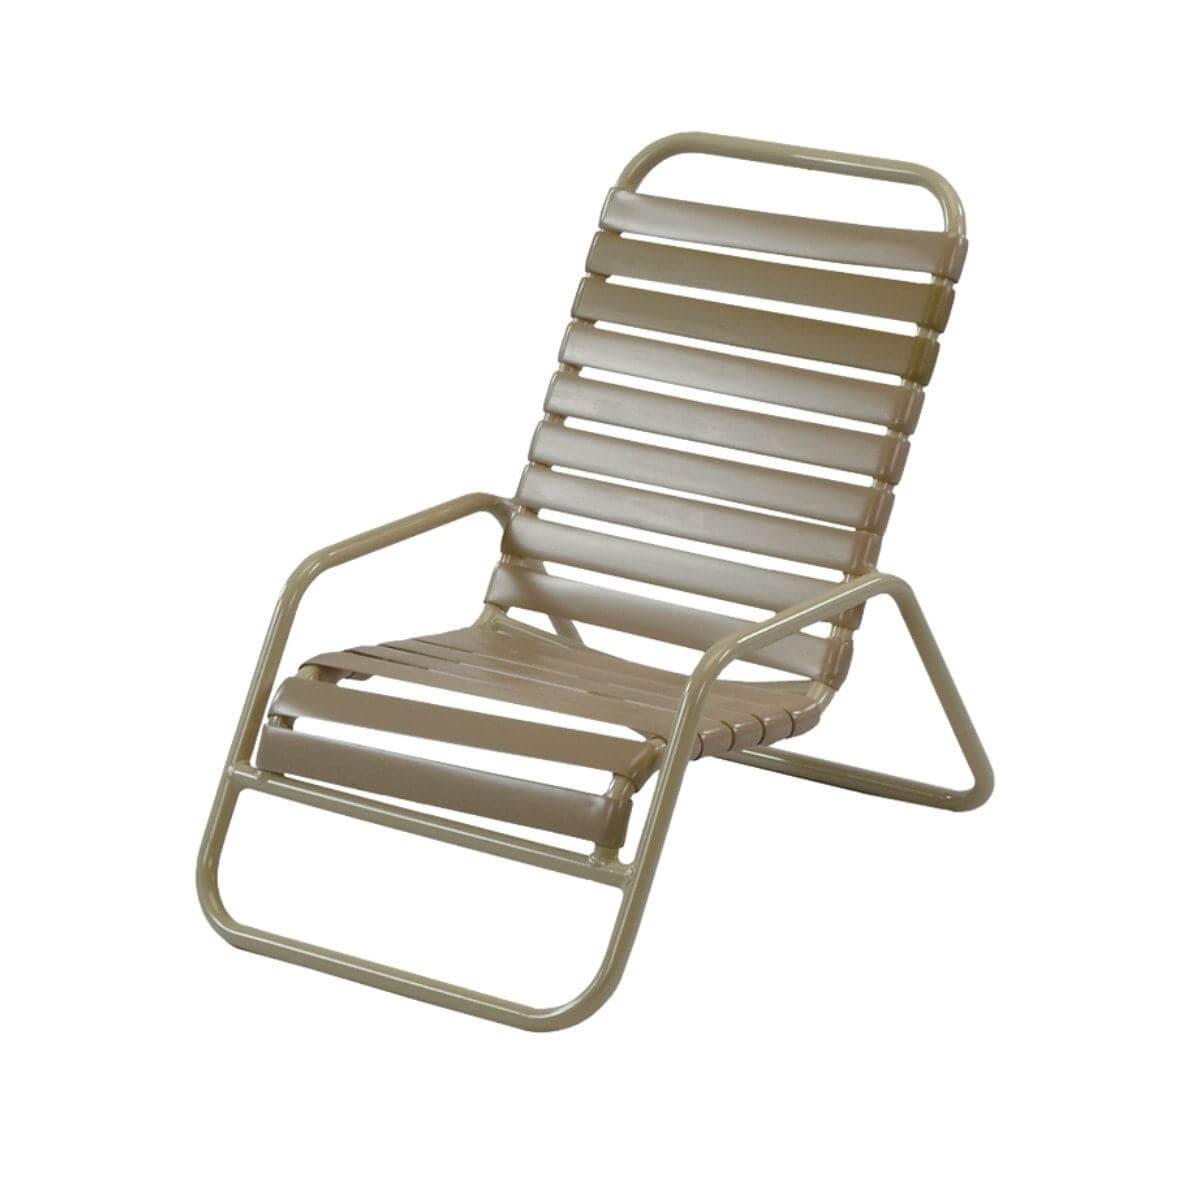 Sand Chair Vinyl Strap Aluminum Frame St Maarten Pool